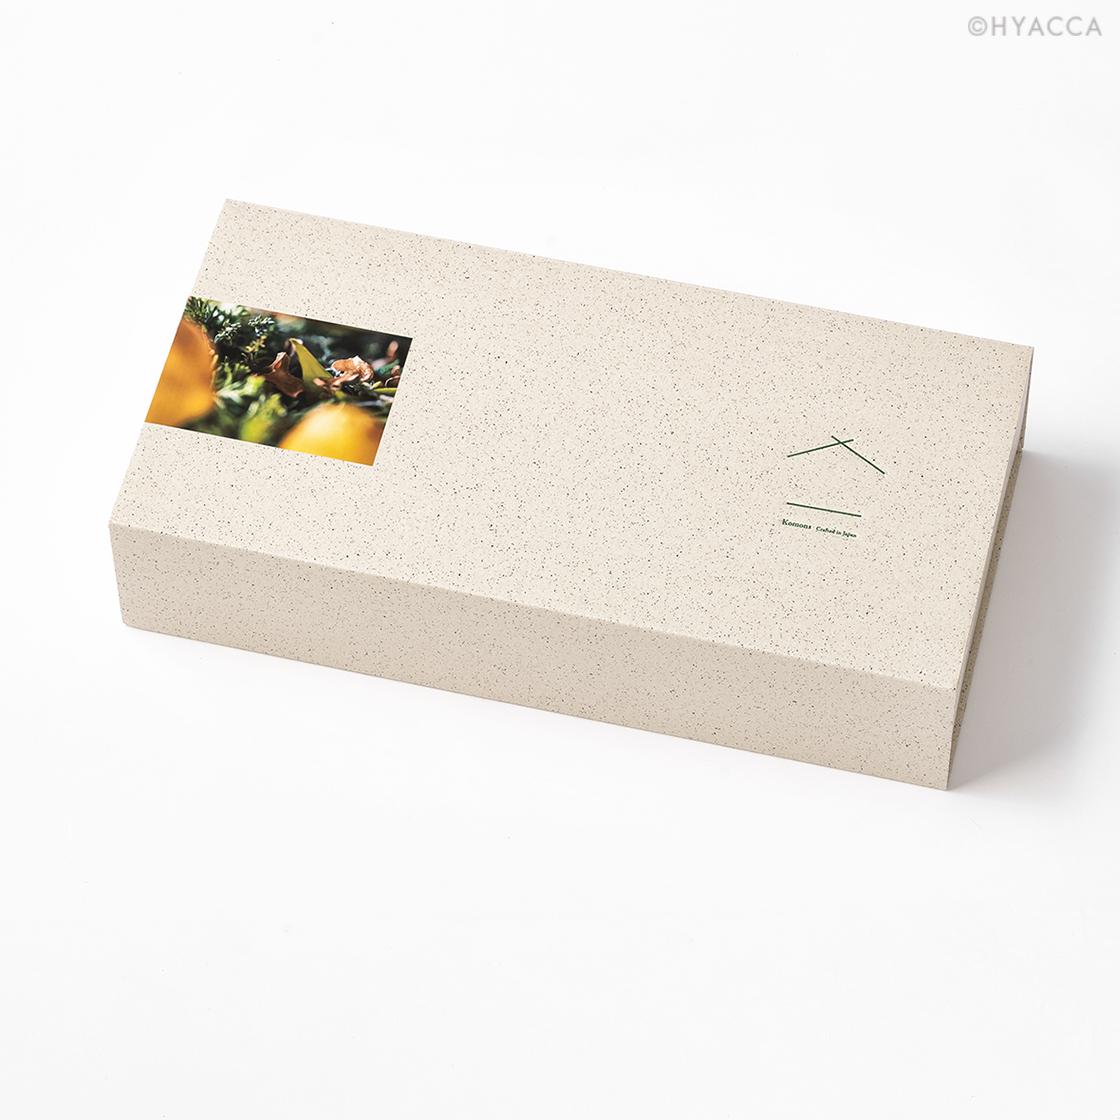 ベーシックカルテット/食器用洗剤&マルチクリーナー&ハンドソープ&ファブリックミスト[コモンズ] 12